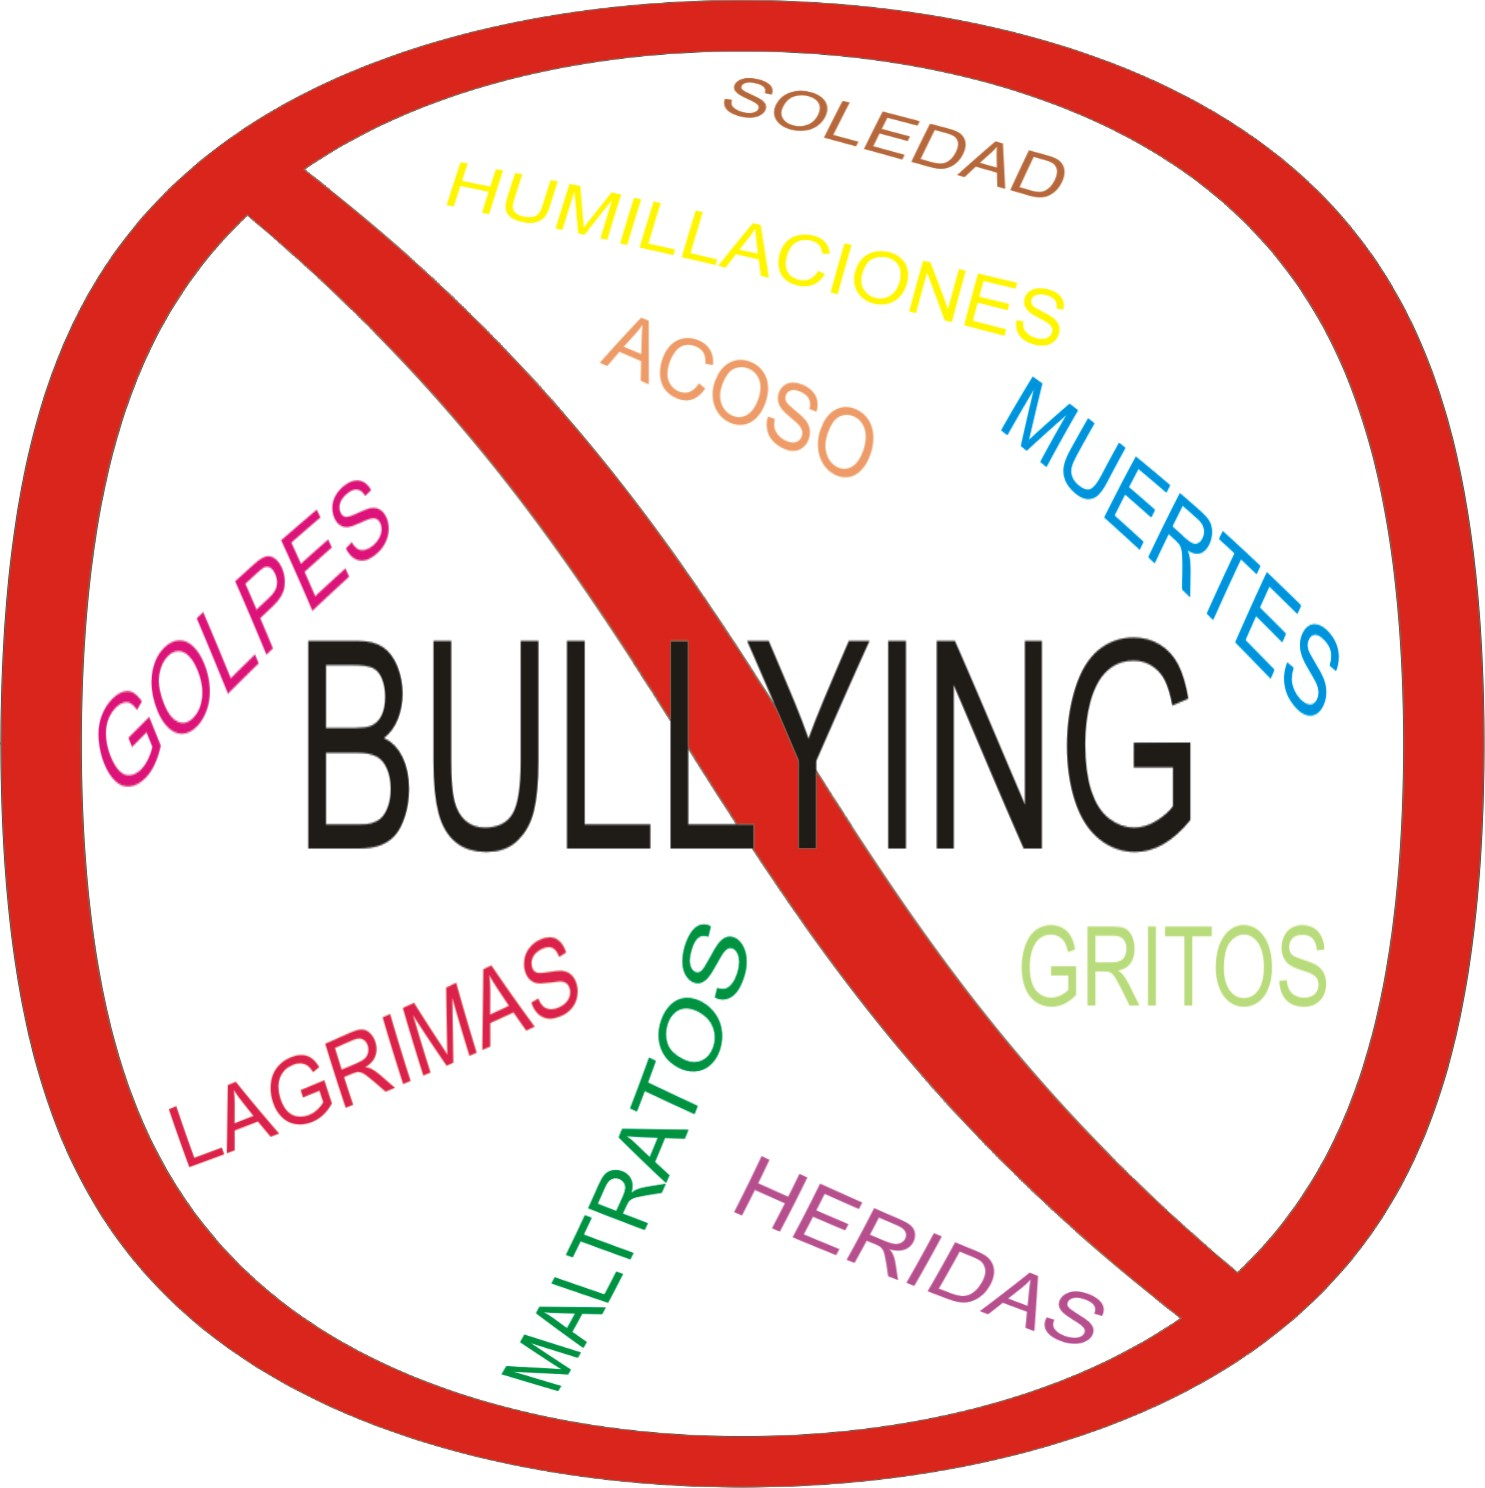 acosobullying1